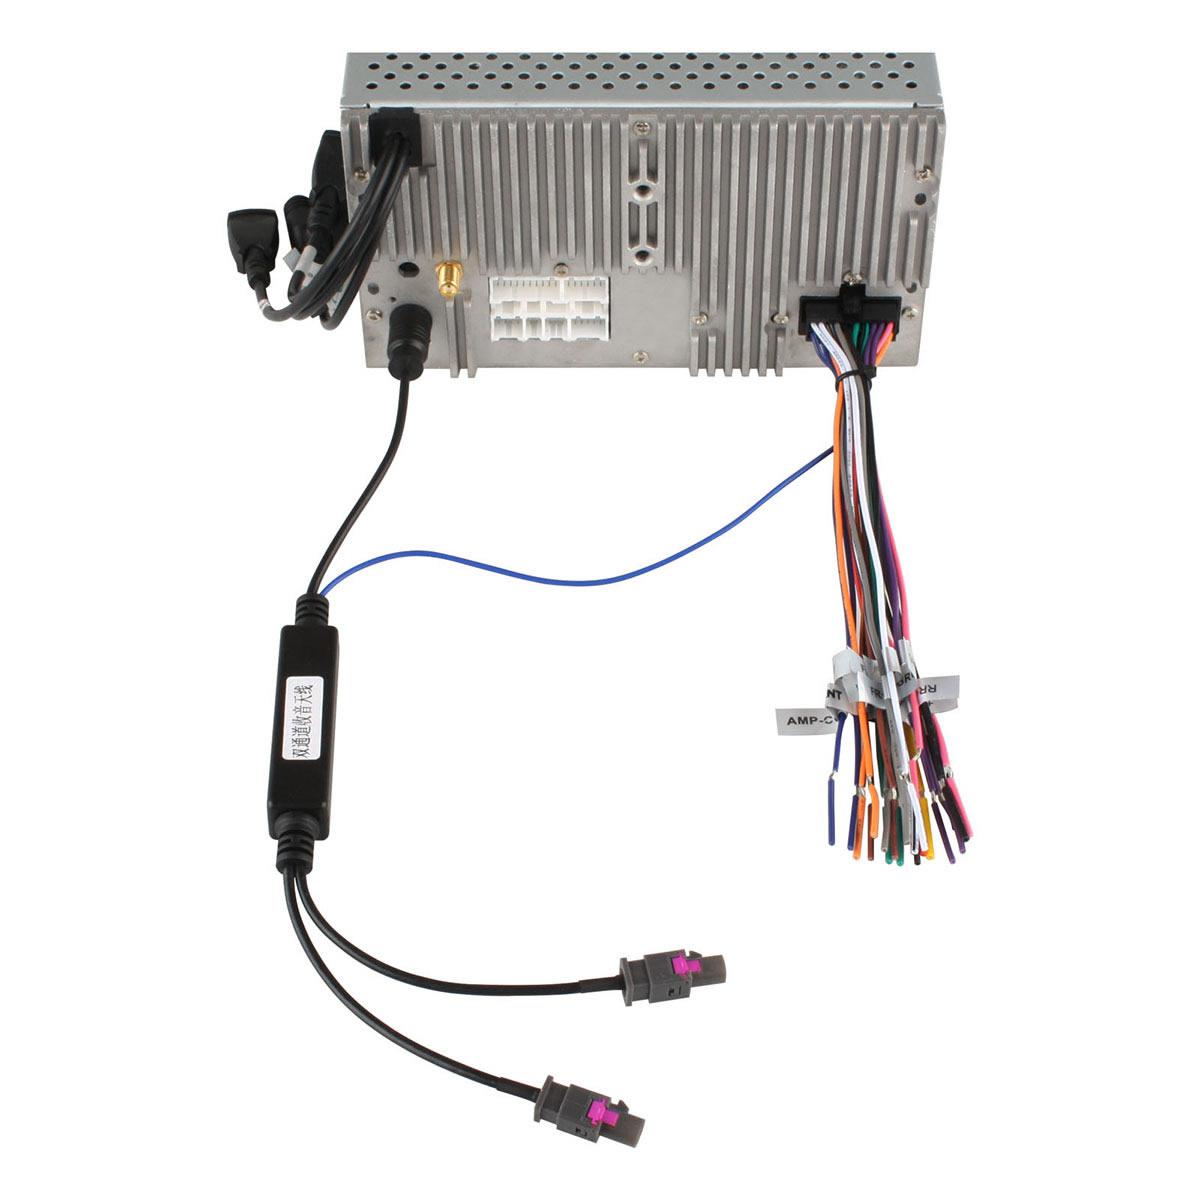 Freies Verschiffen! Zwei Möglichkeiten Auto Radio Antenne Antenne Adapter für BMW AUDI VW SKODA